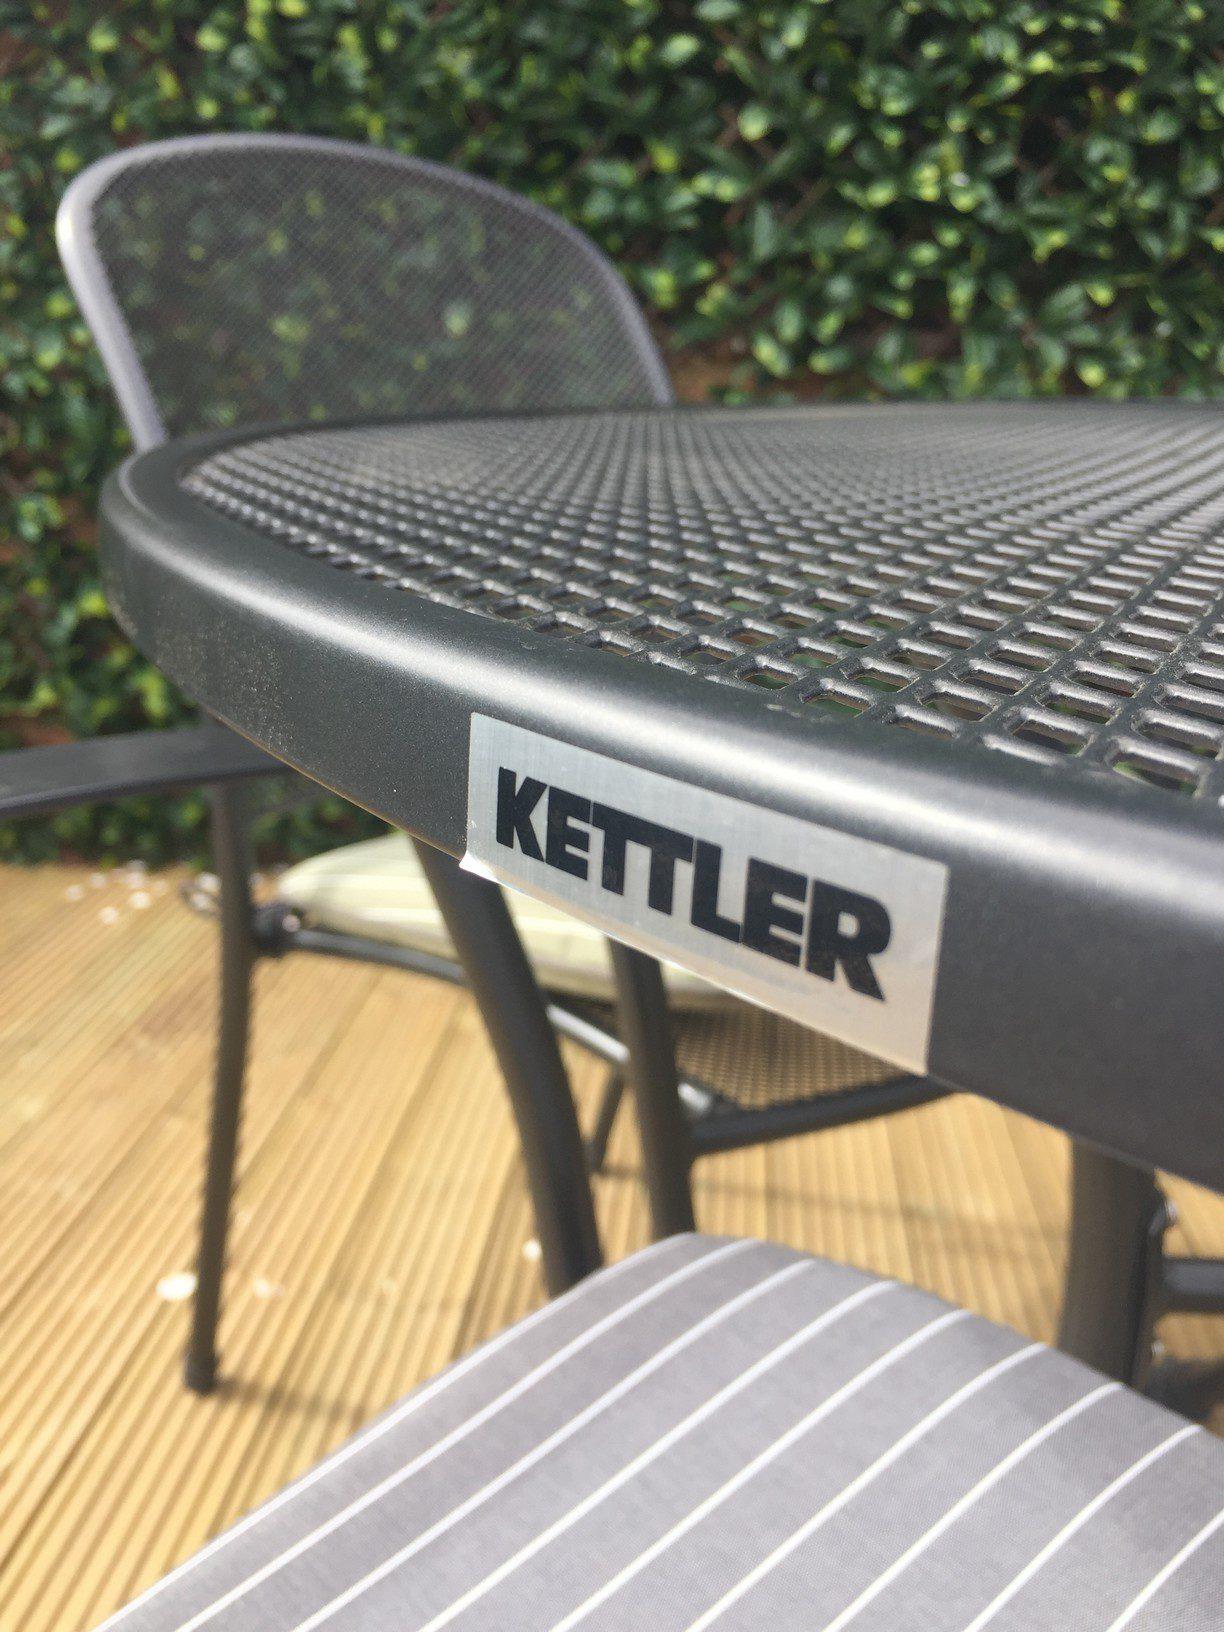 Kettler Caredo 110Cm Round Mesh Set 2